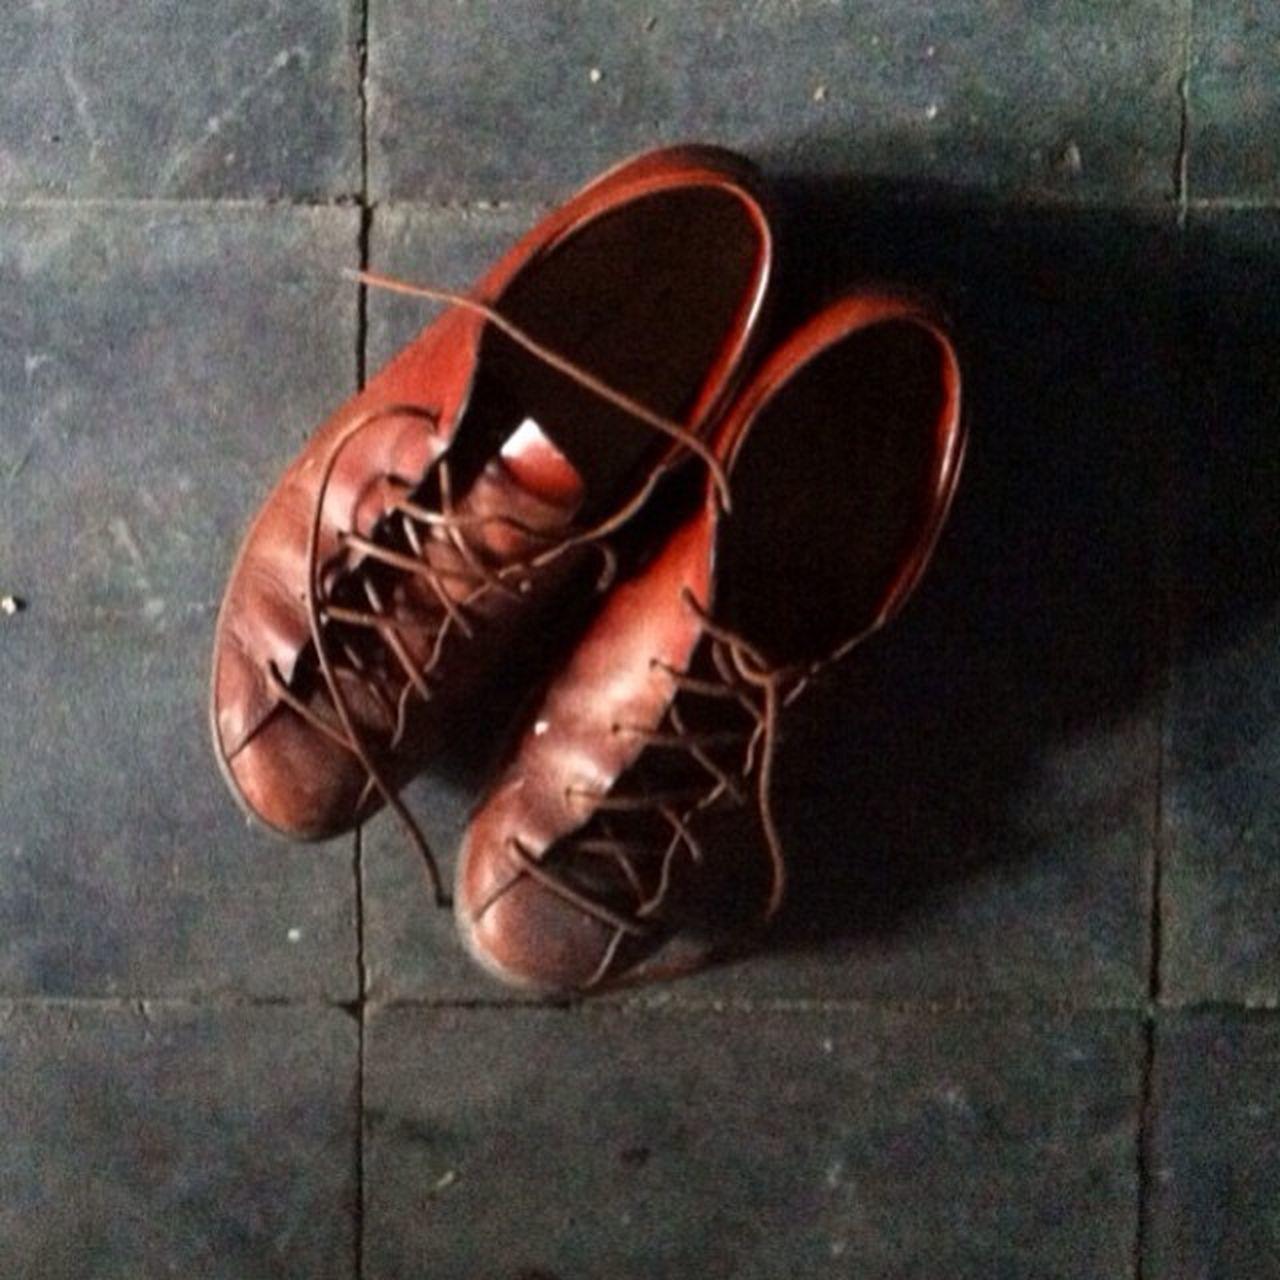 Skiftesko Trippen økosko Microstøberiet Shoes ♥